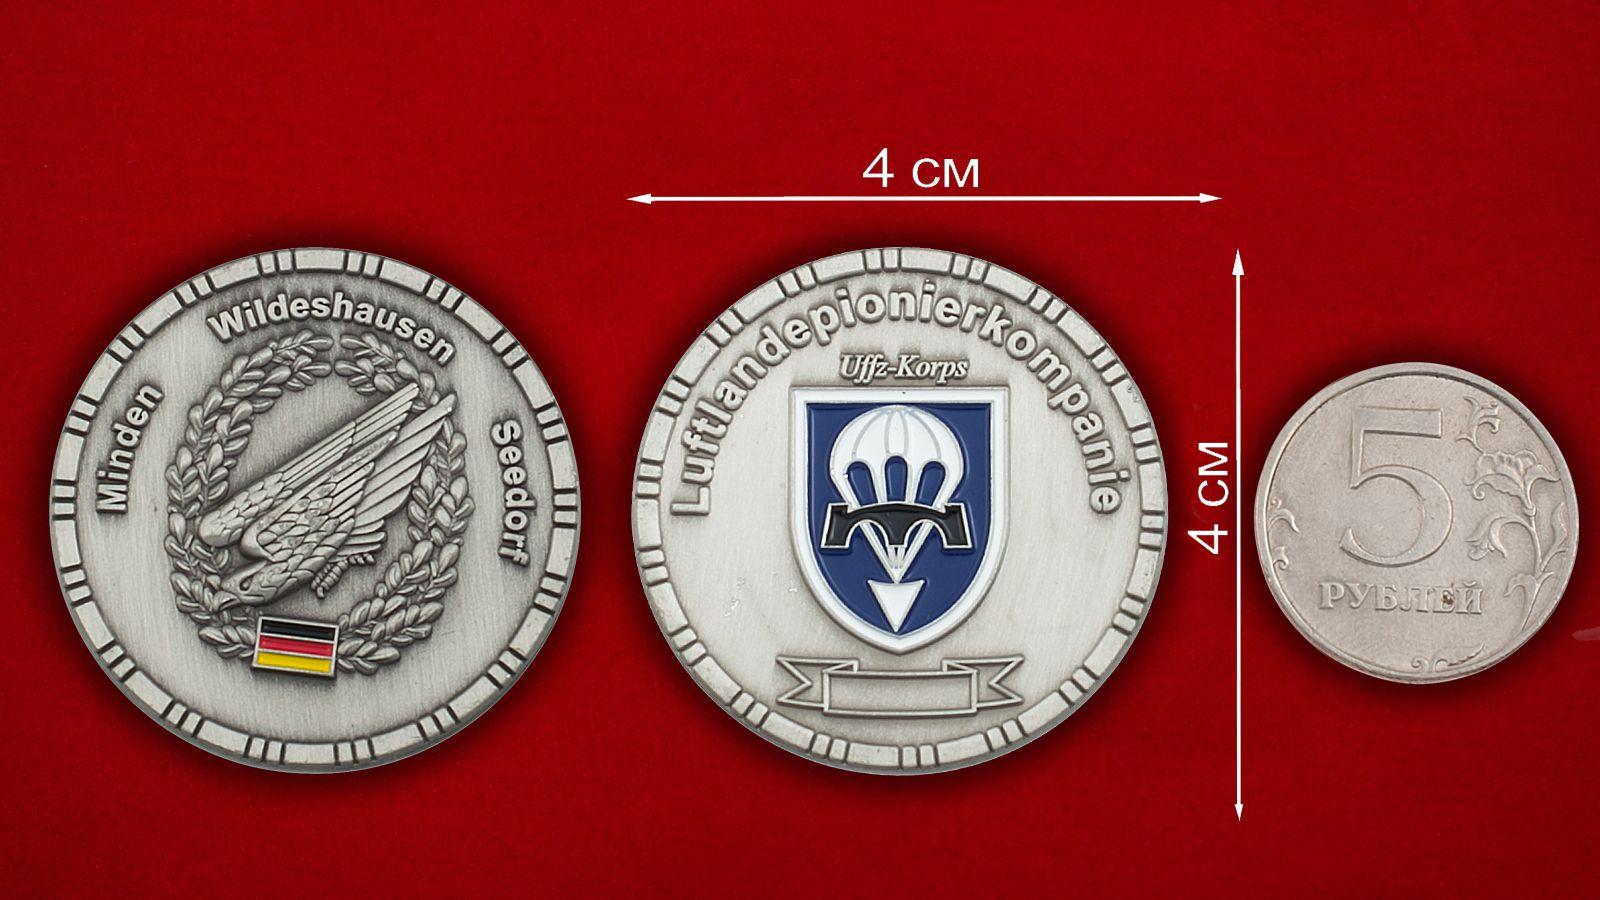 Челлендж коин саперов ВДВ Германии - сравнительный размер